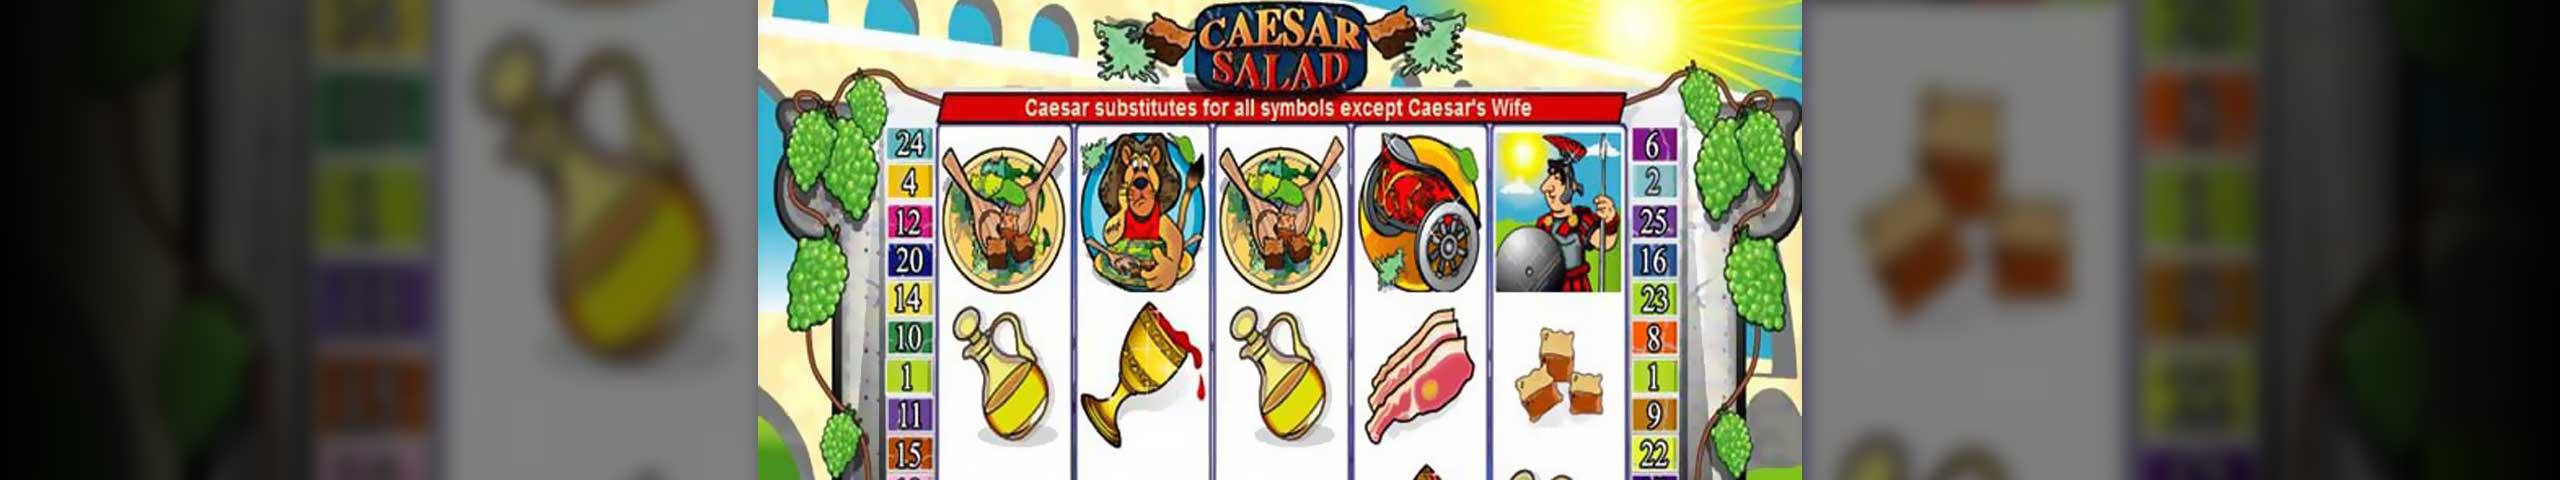 Spelautomater Caesar Salad, Cryptologic Slider - Wyrmspel.com